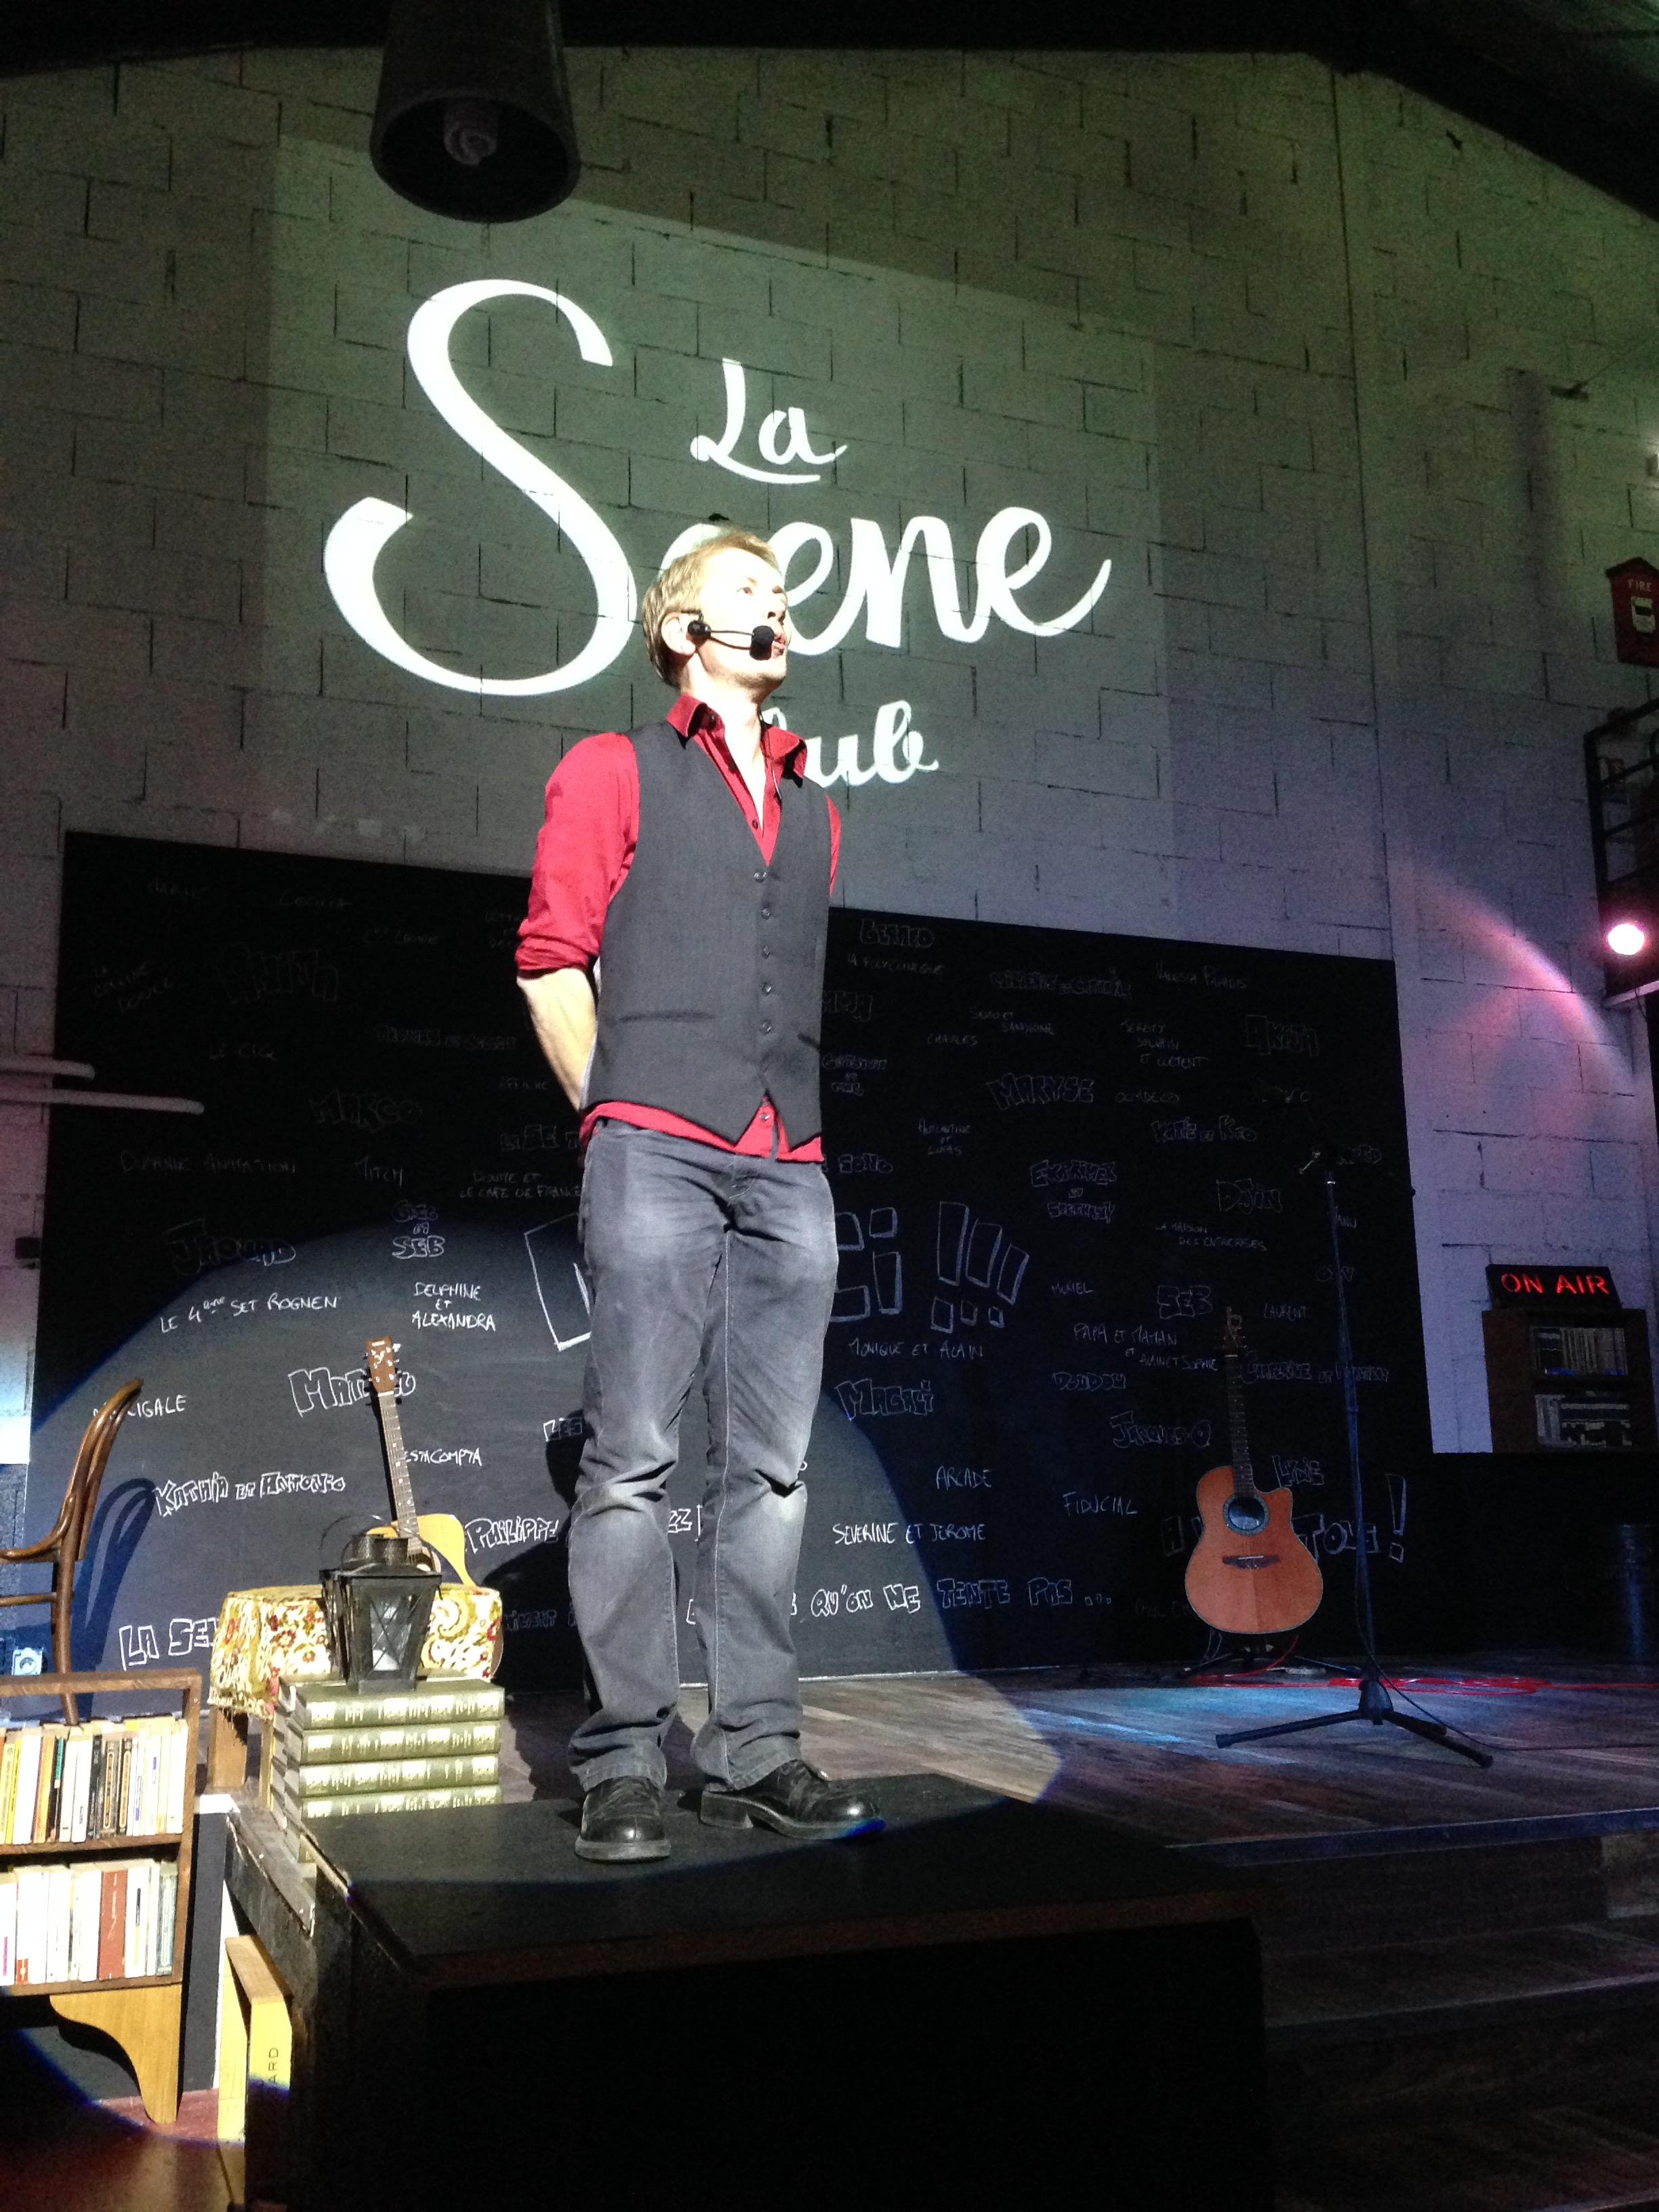 La Scene